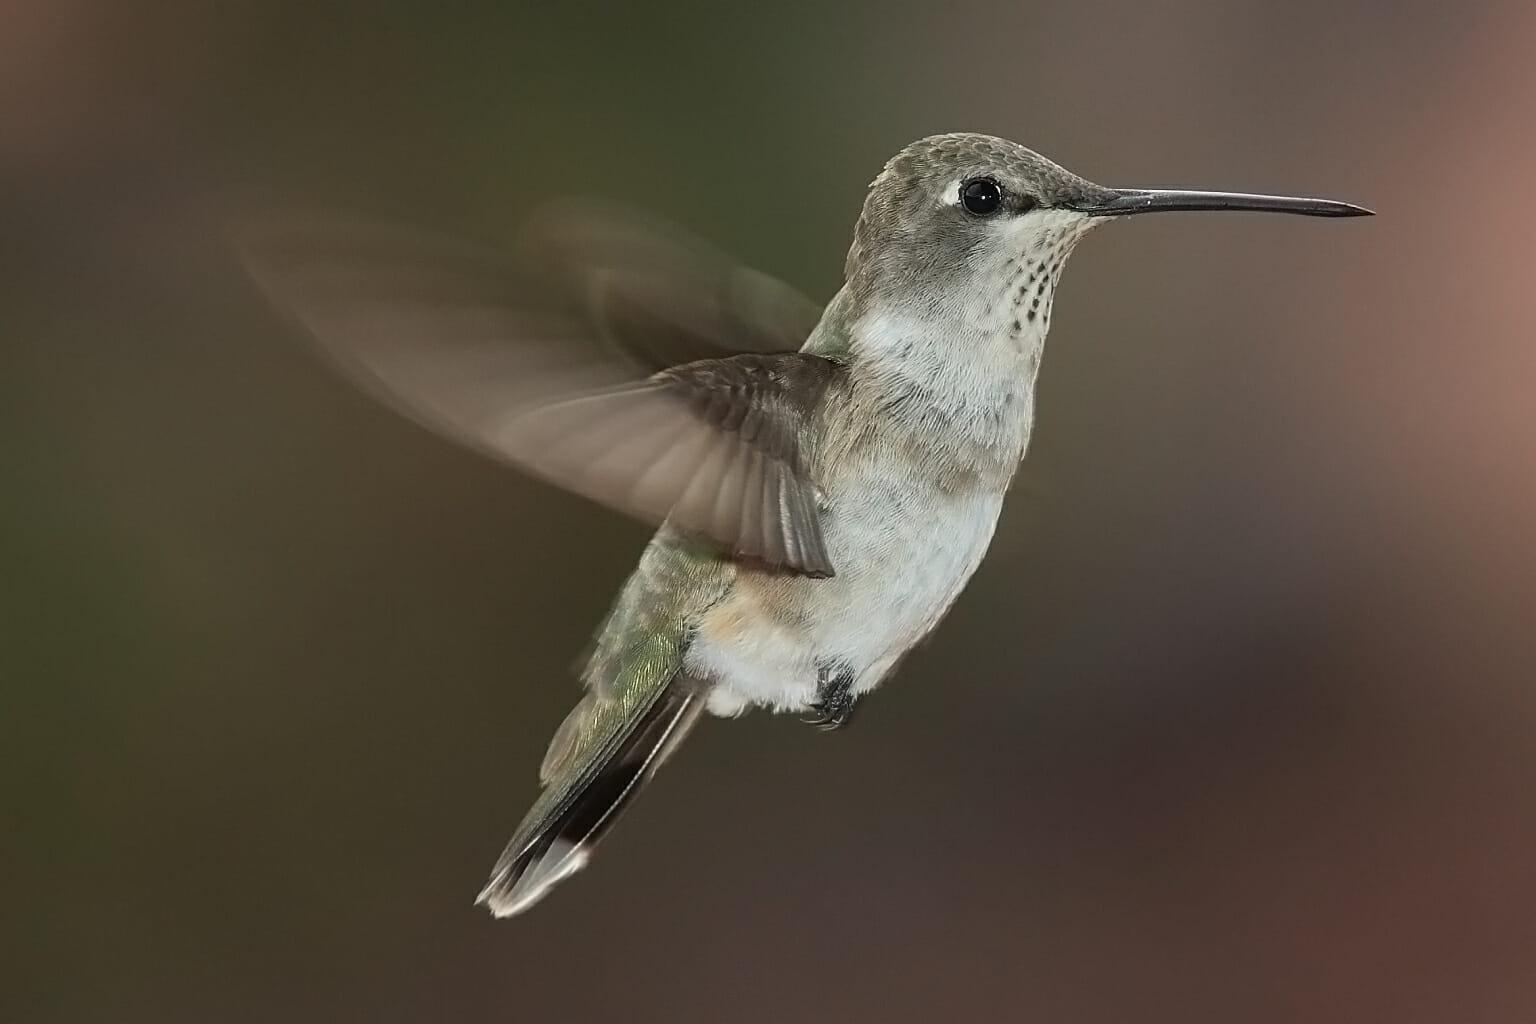 how long do hummingbirds live